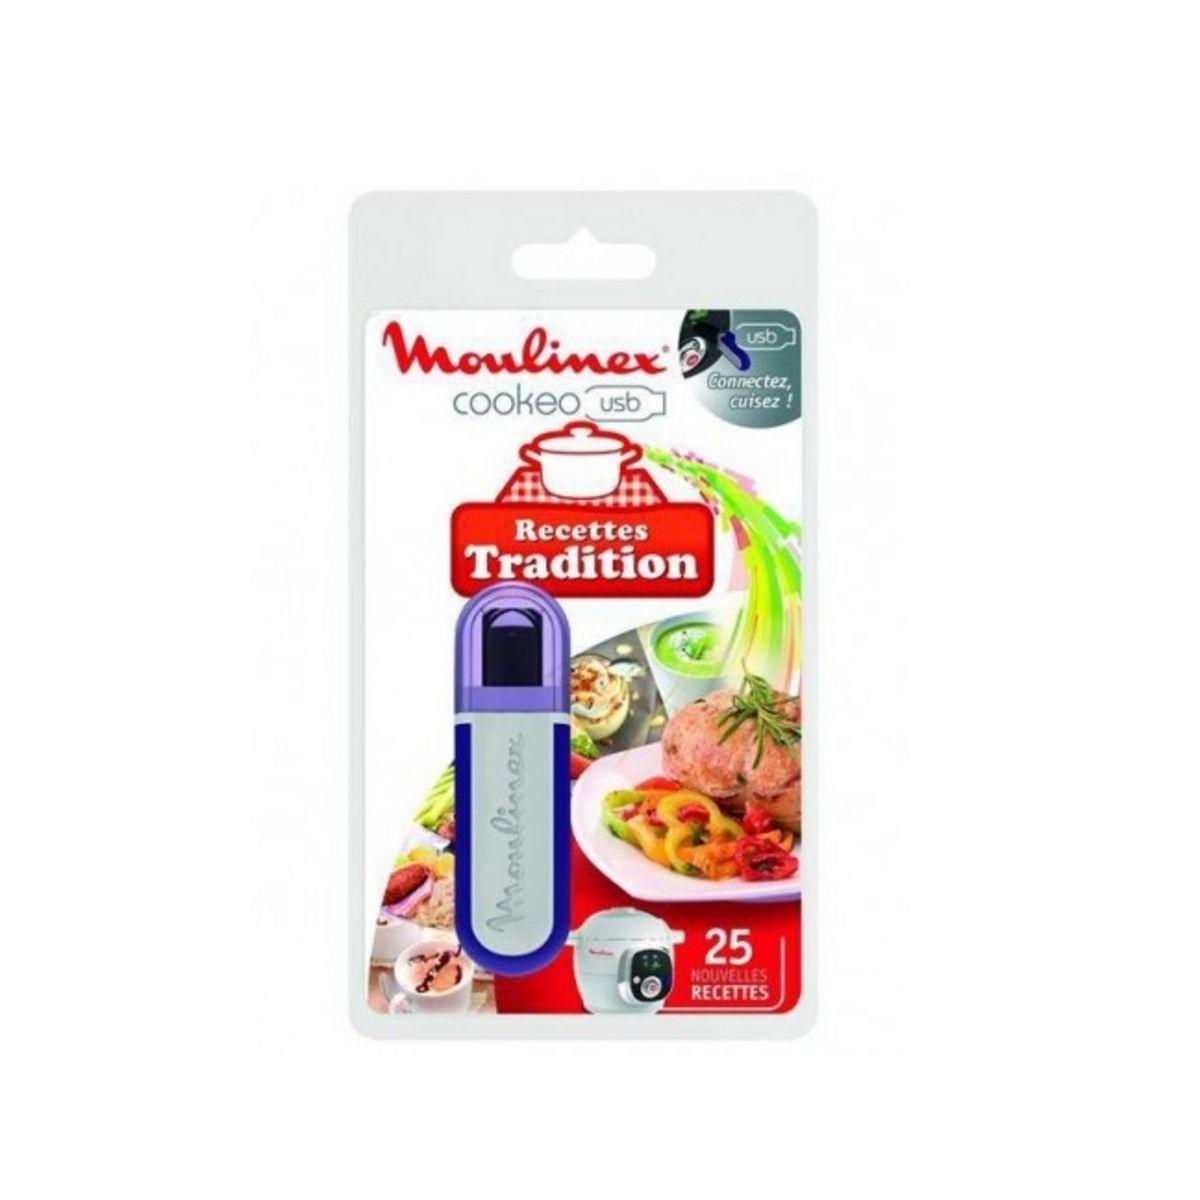 USB Cookéo 25 recettes Tradition Française